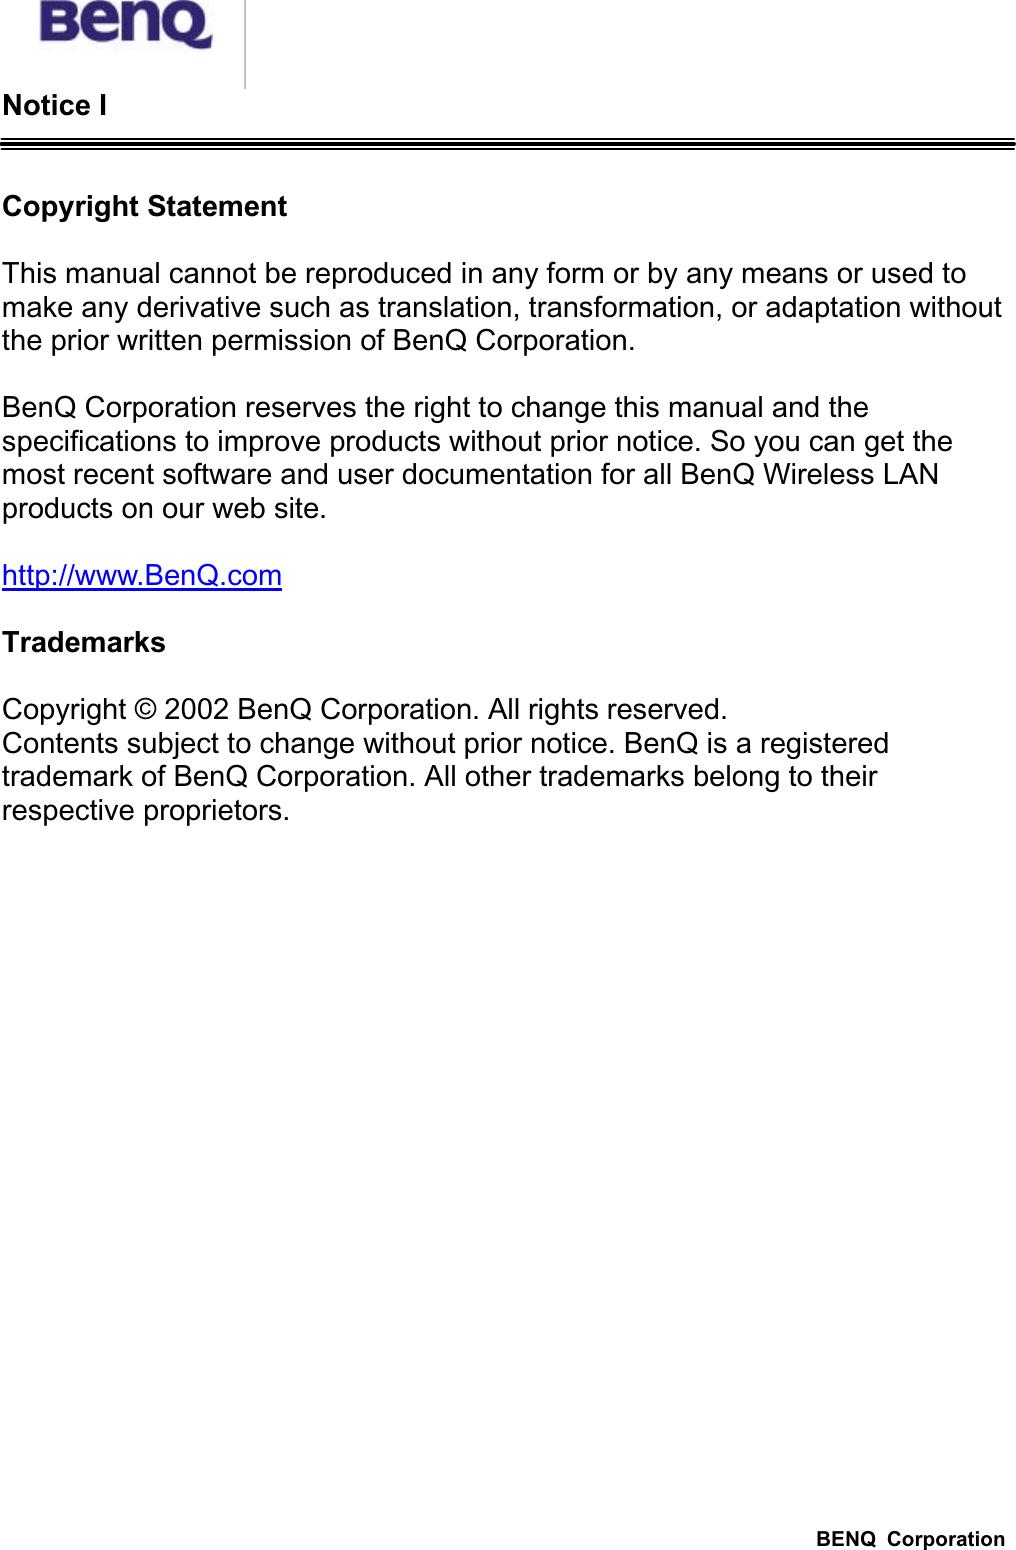 Benq Network Card AWL500 64 BIT Driver